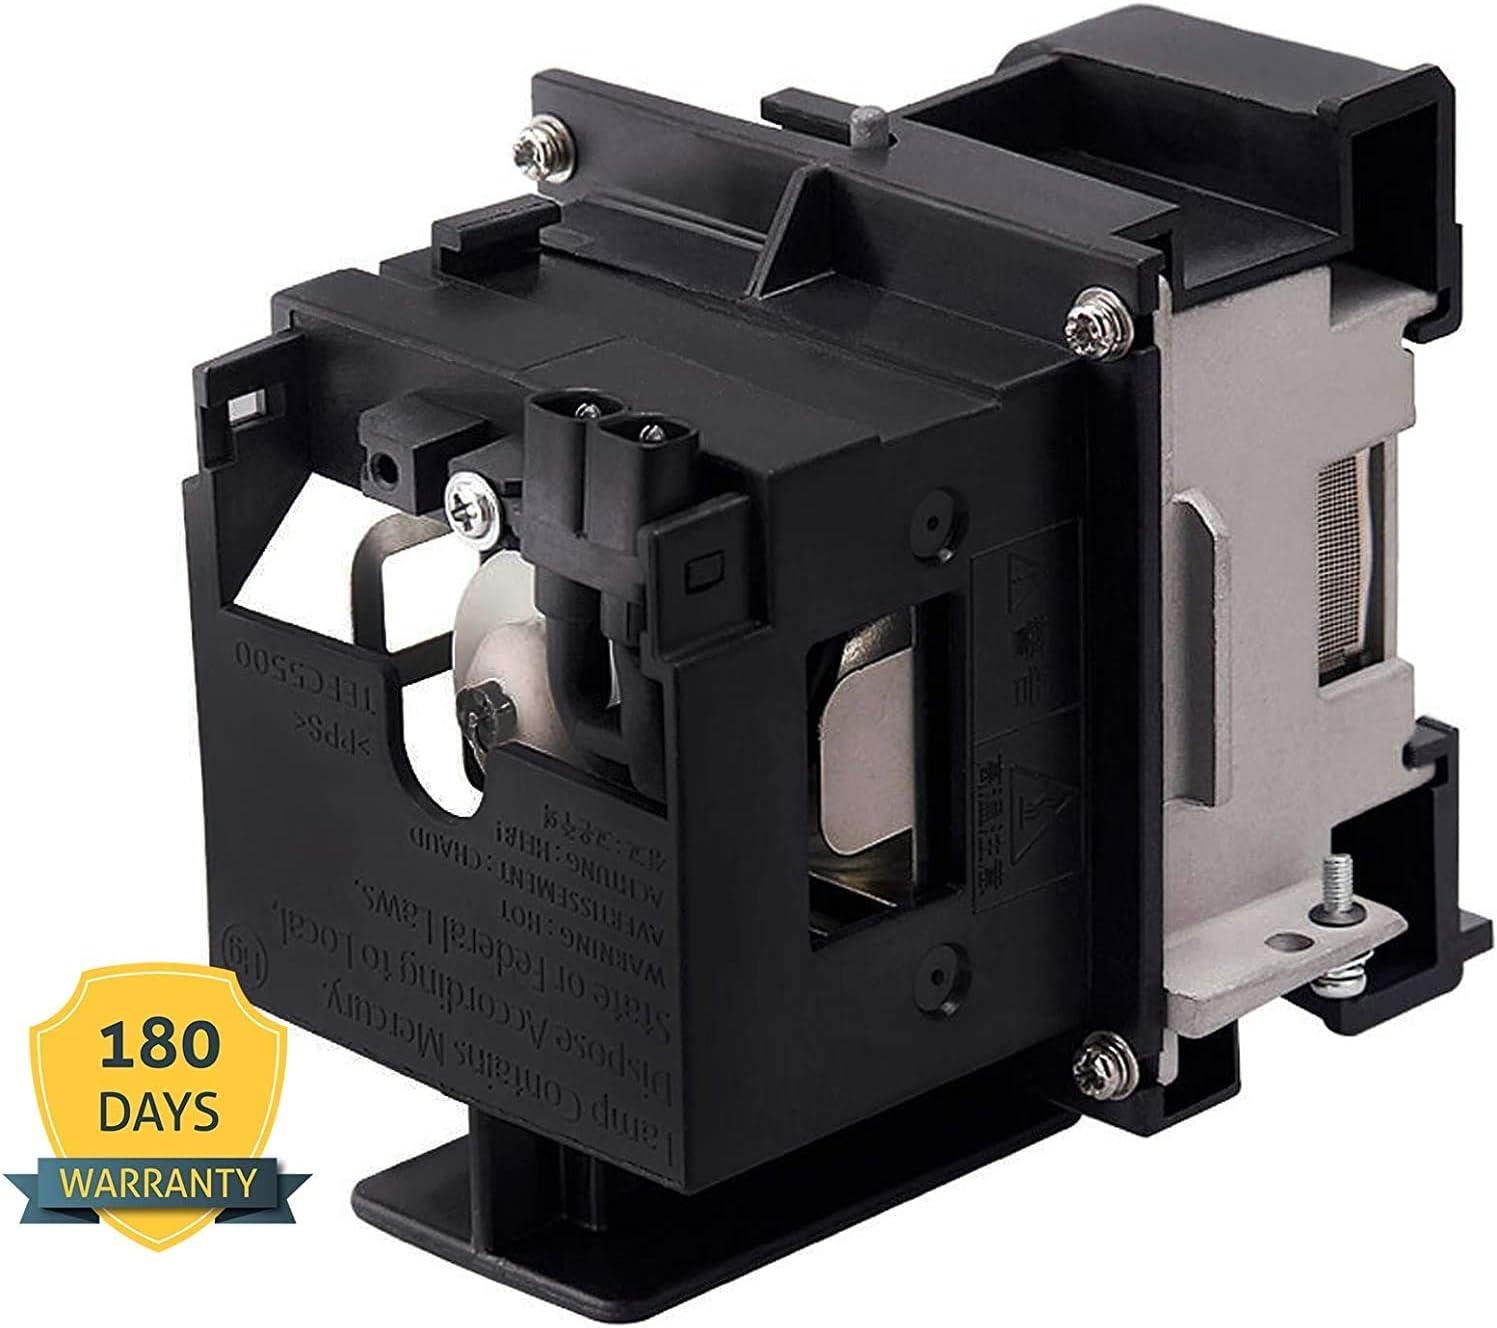 ET-LAA110 Premium Compatible Projector Replacement Lamp with Housing for PANASONIC PT-AH1000E PT-AR100U PT-LZ370E PT-AH1000 PT-AR100EA PT-LZ370